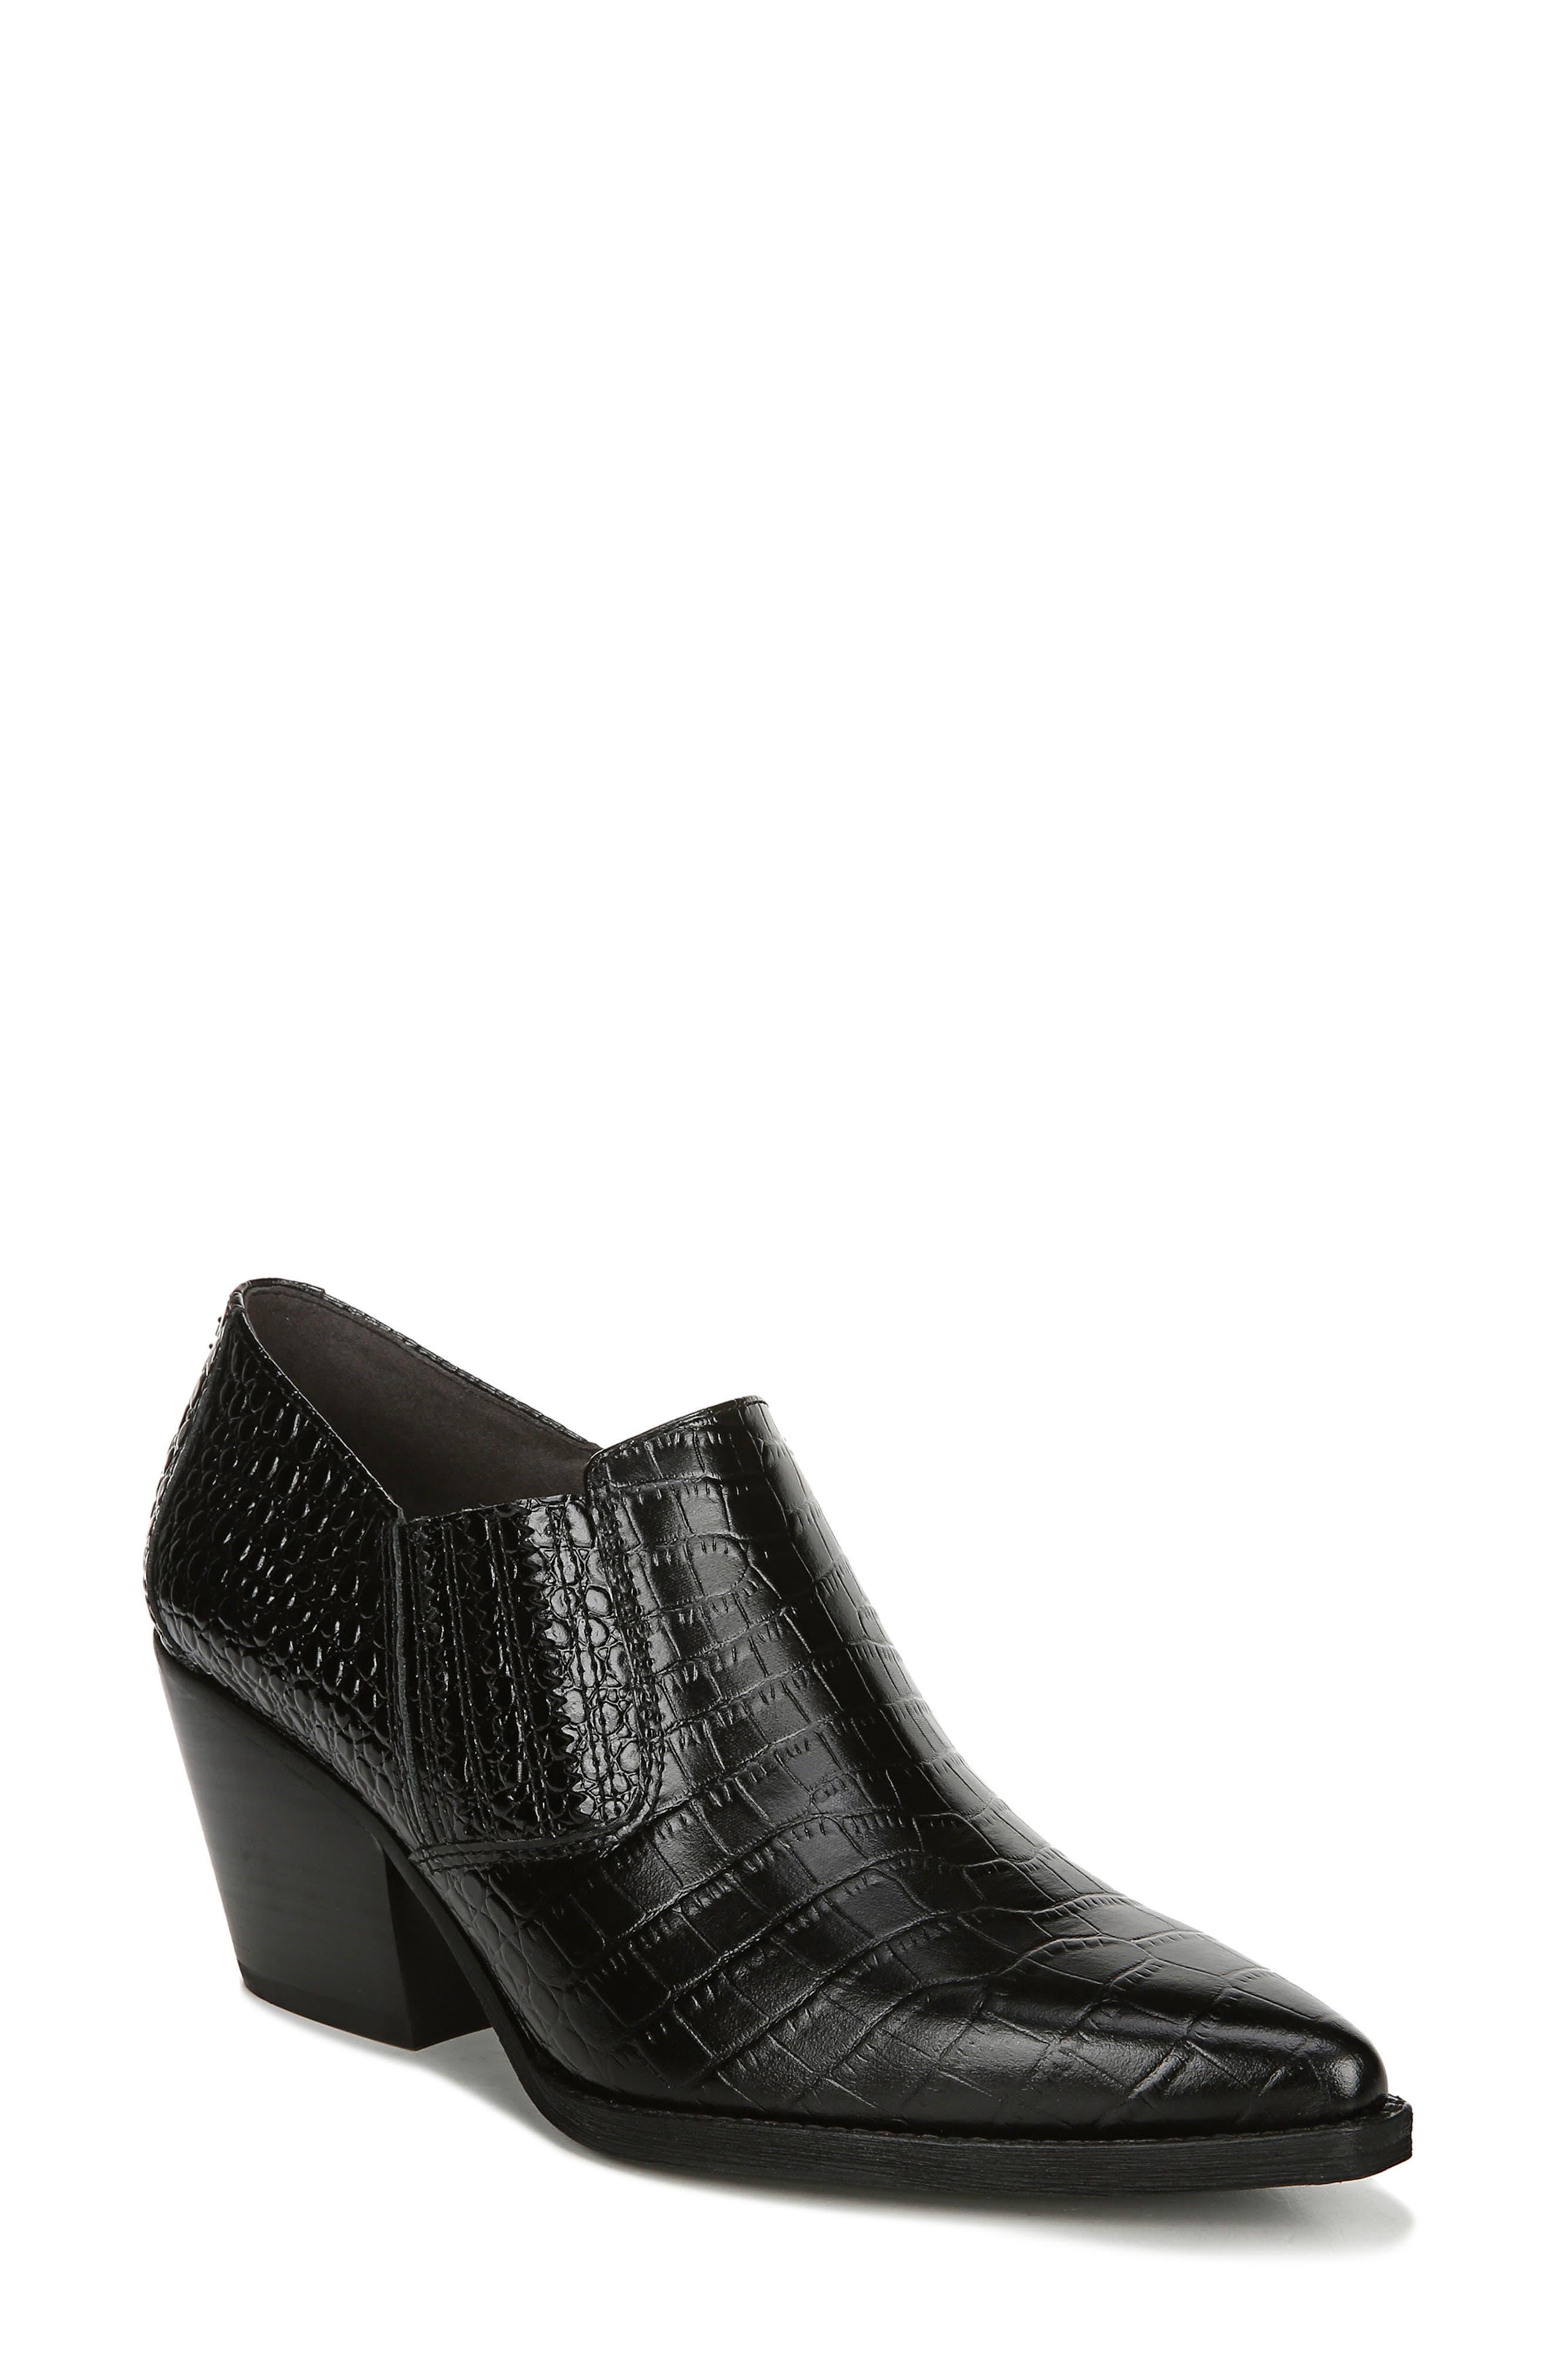 Sam Edelman Walton Chelsea Boot- Black